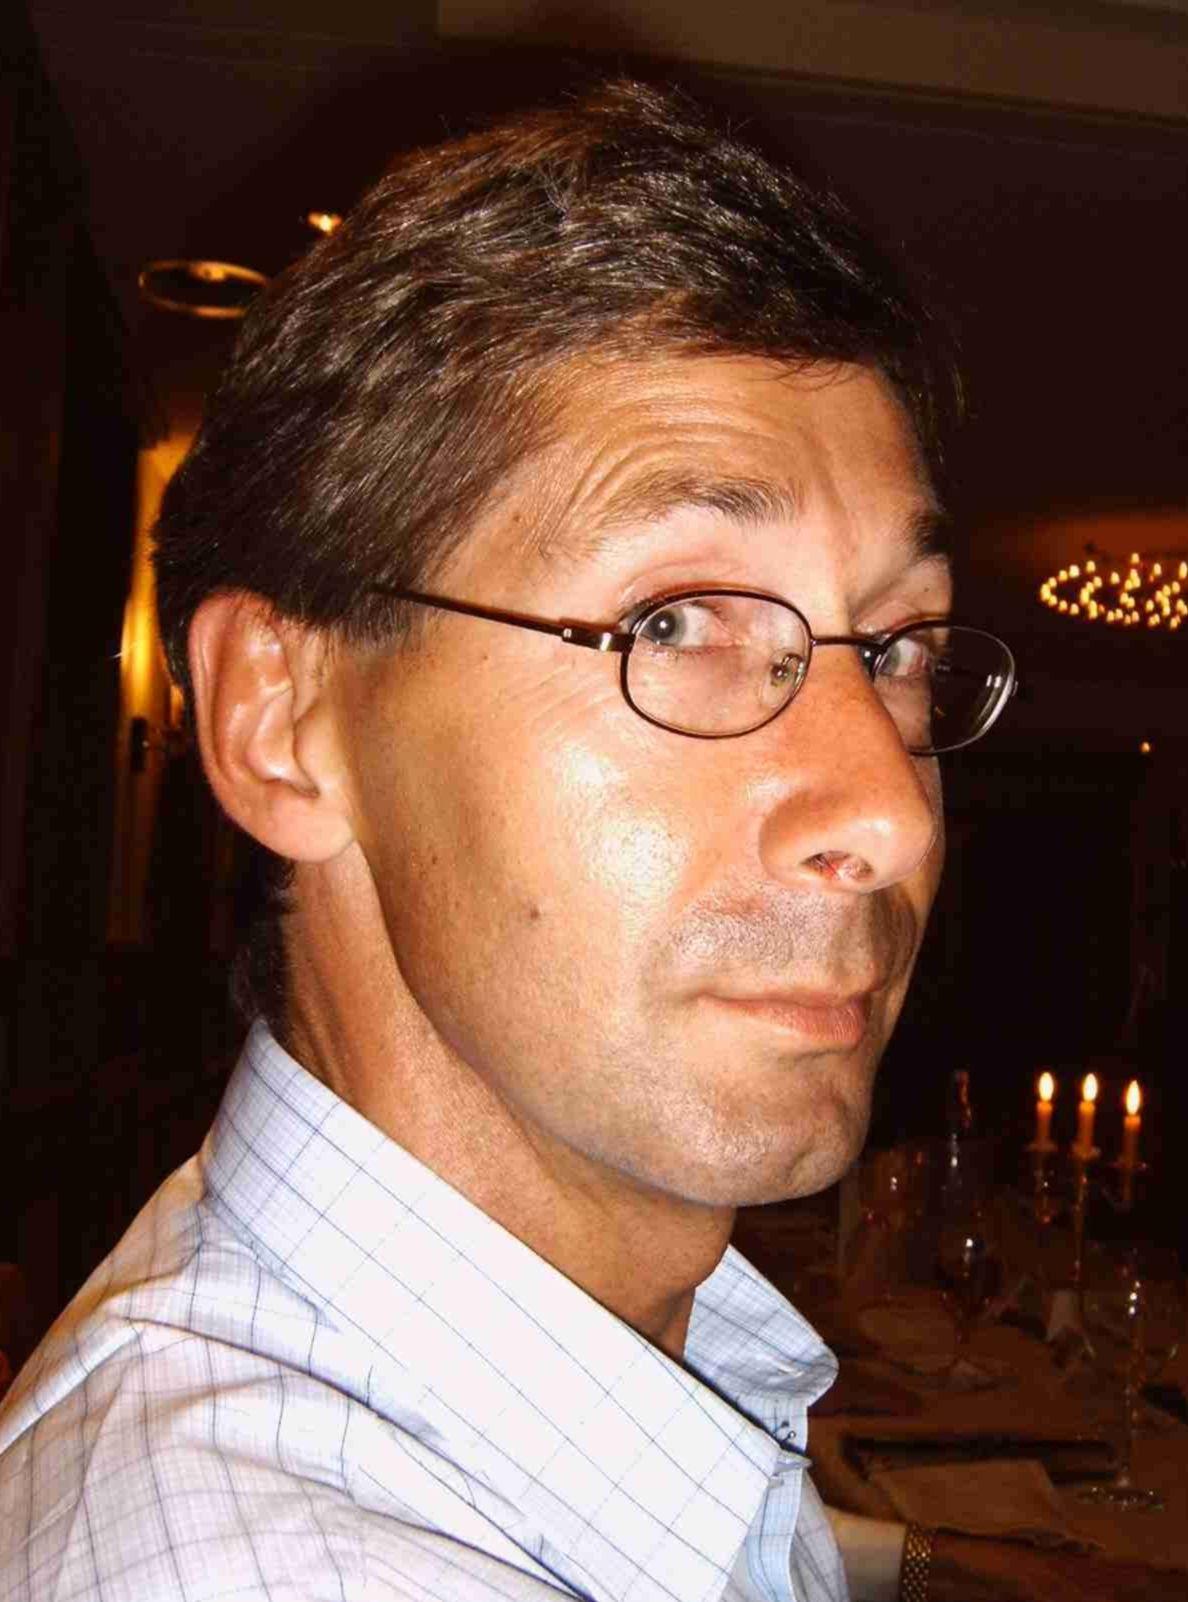 Prof. Dr. Matthias Fladung ist Projektleiter der beiden Projekte. Darüber hinaus ist er stellvertretender Institutsleiter desInstituts für Forstgenetik des Johann Heinrich von Thünen-Instituts und leitet hier den Forschungsbereich Genomforschung.